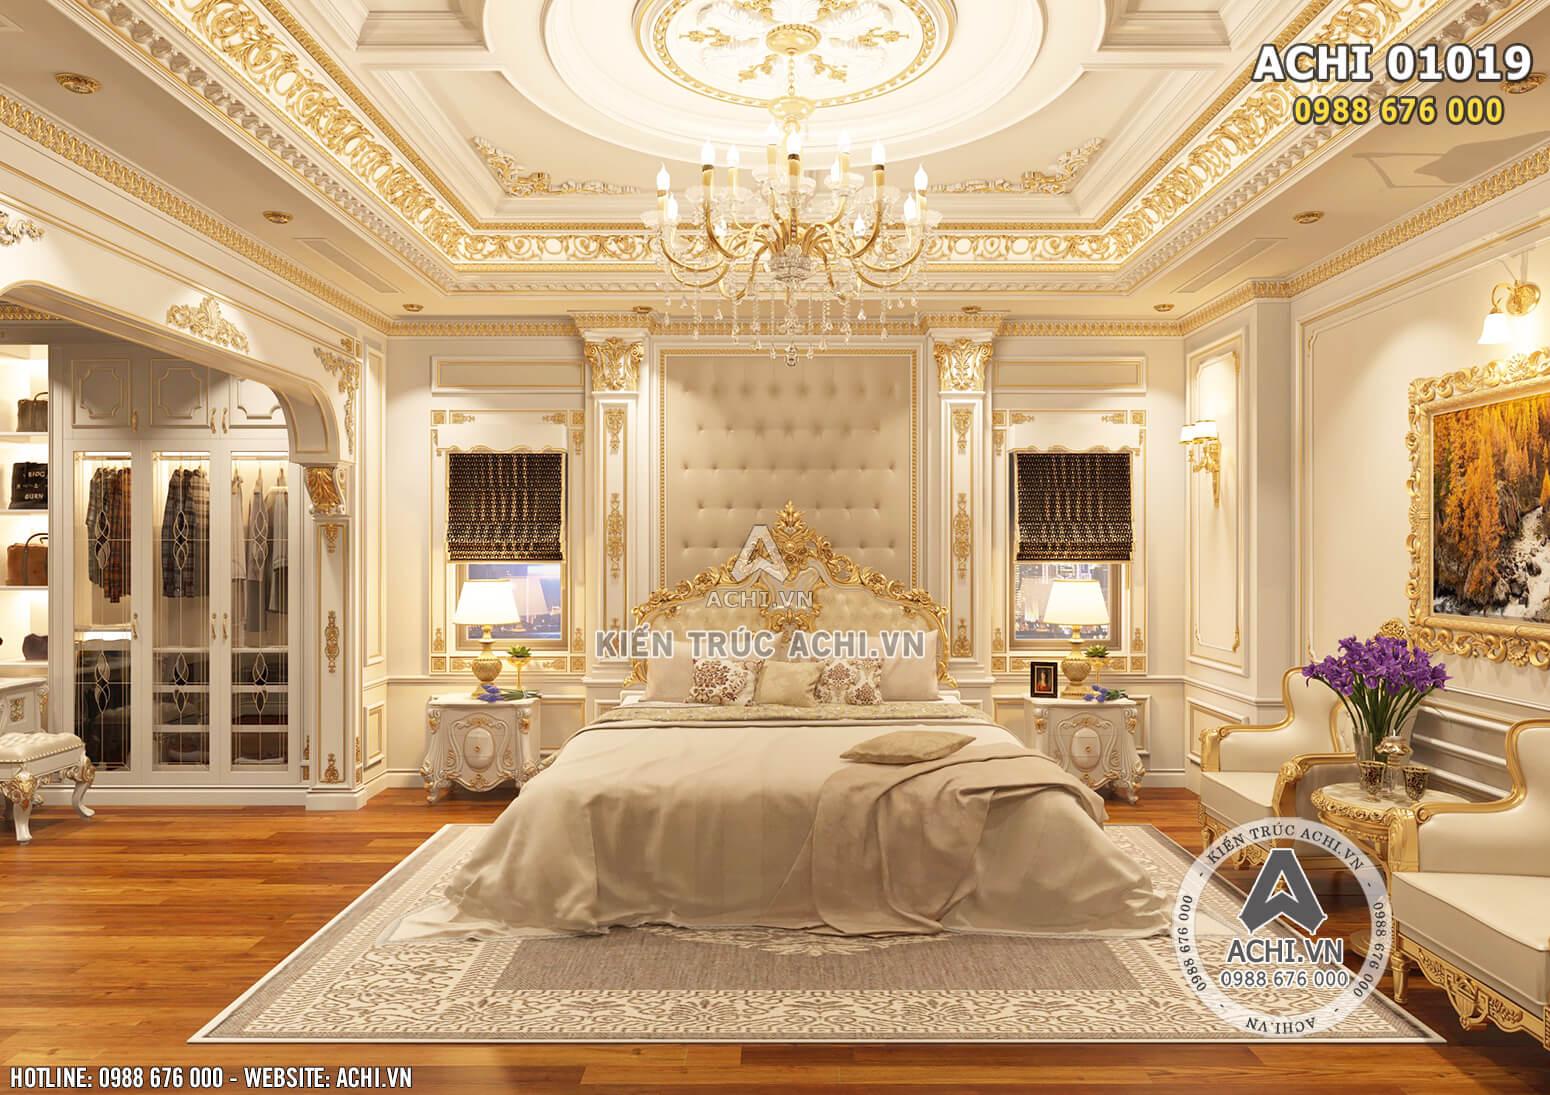 Hình ảnh: Không gian phòng ngủ 2 được thiết kế với tone trắng - vàng gold làm chủ đạo